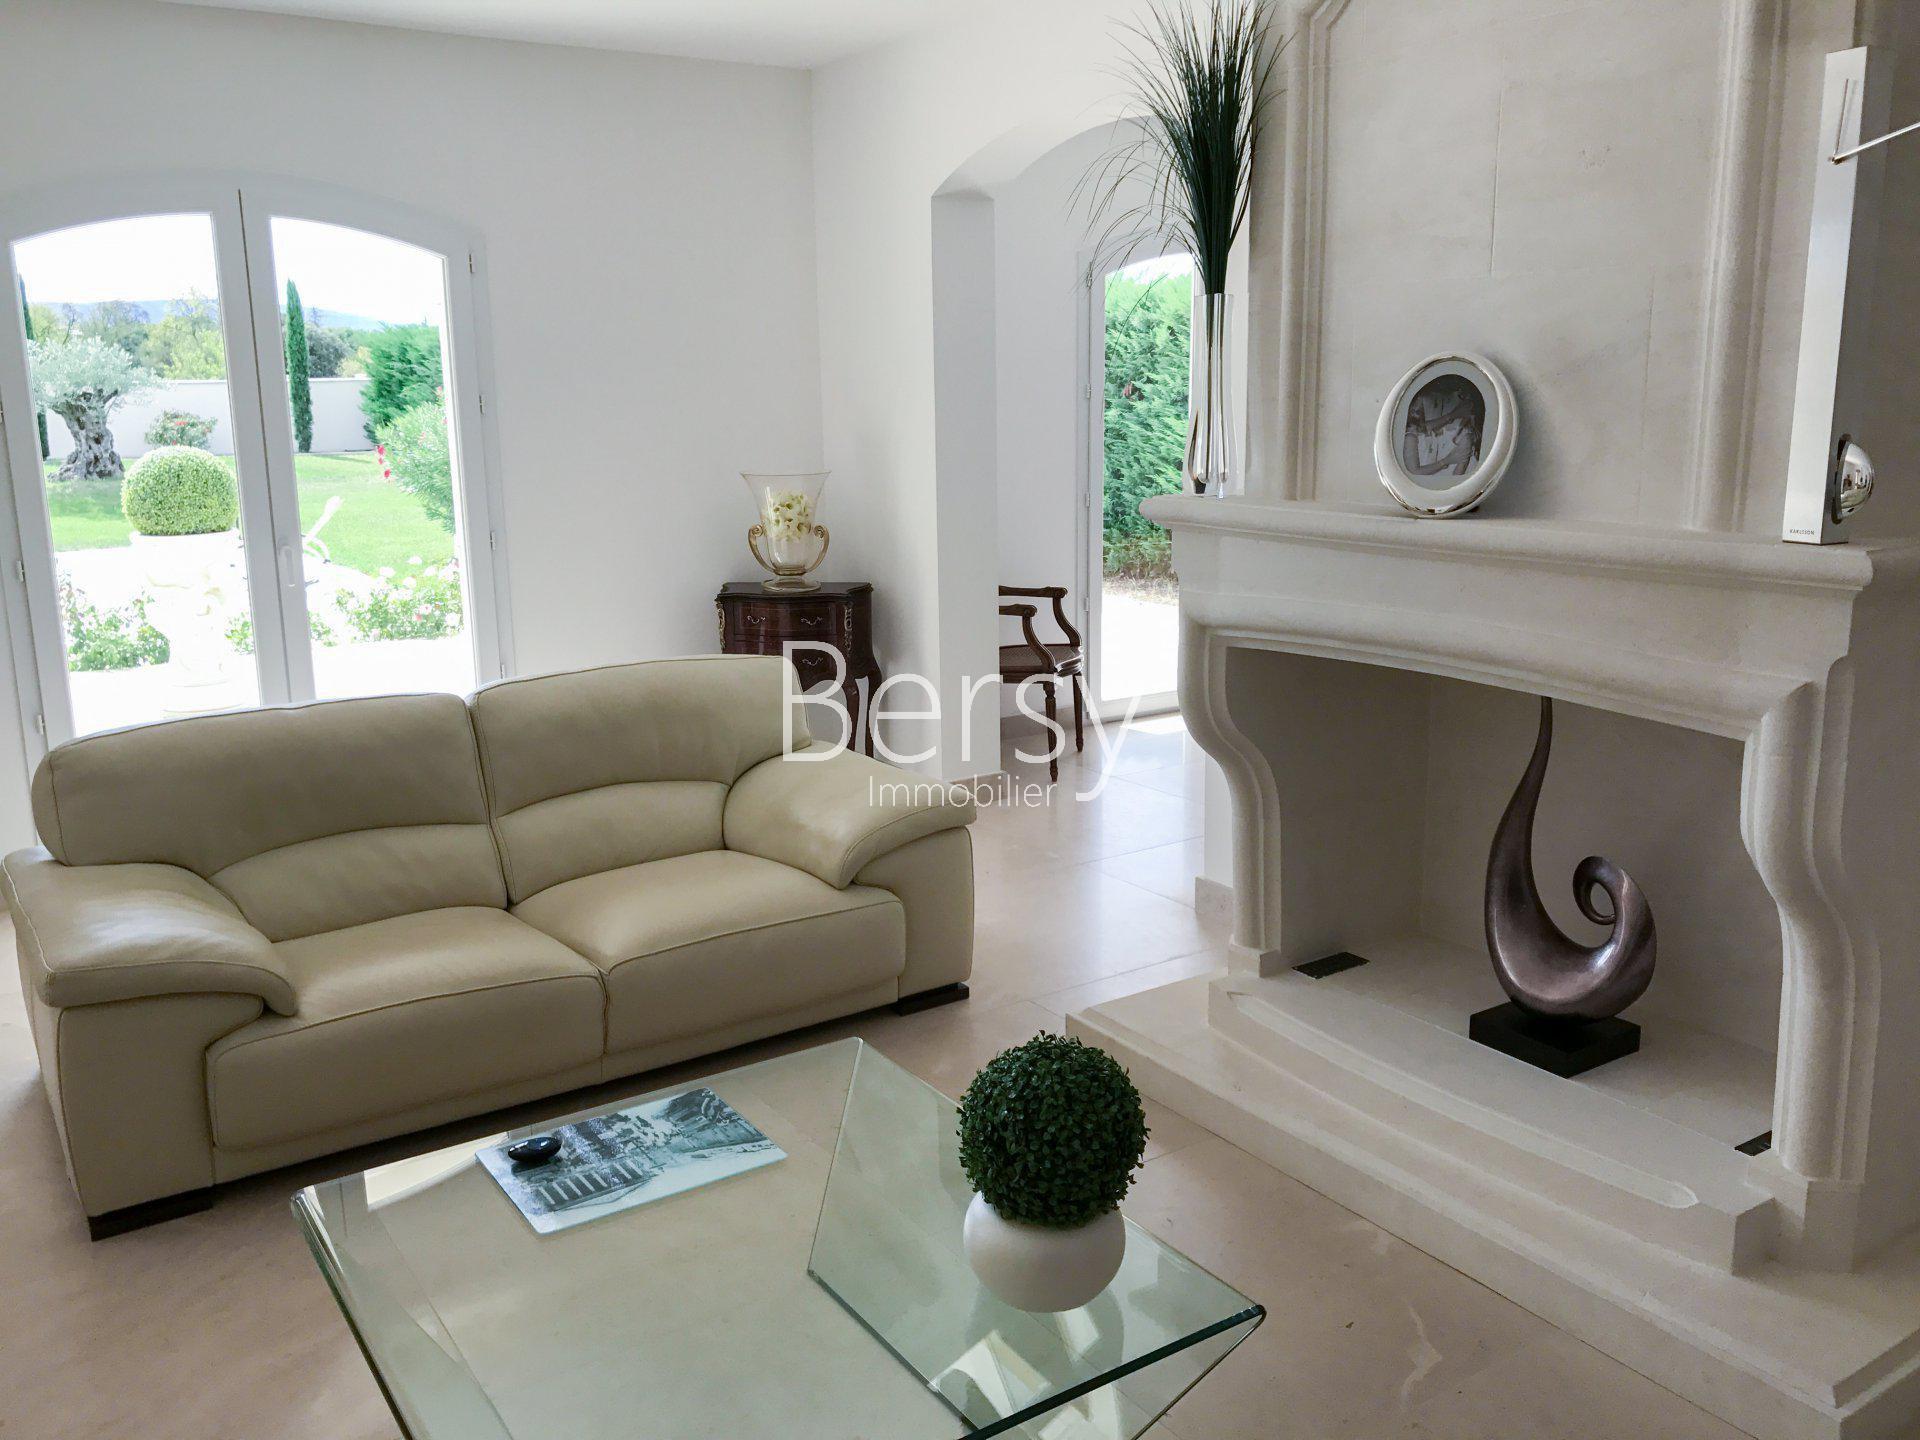 TROP TARD, C'EST VENDU ! - EXCLUSIVITE - Villa Exceptionnelle - Prestations Haut de gamme - PERNES LES FONTAINES